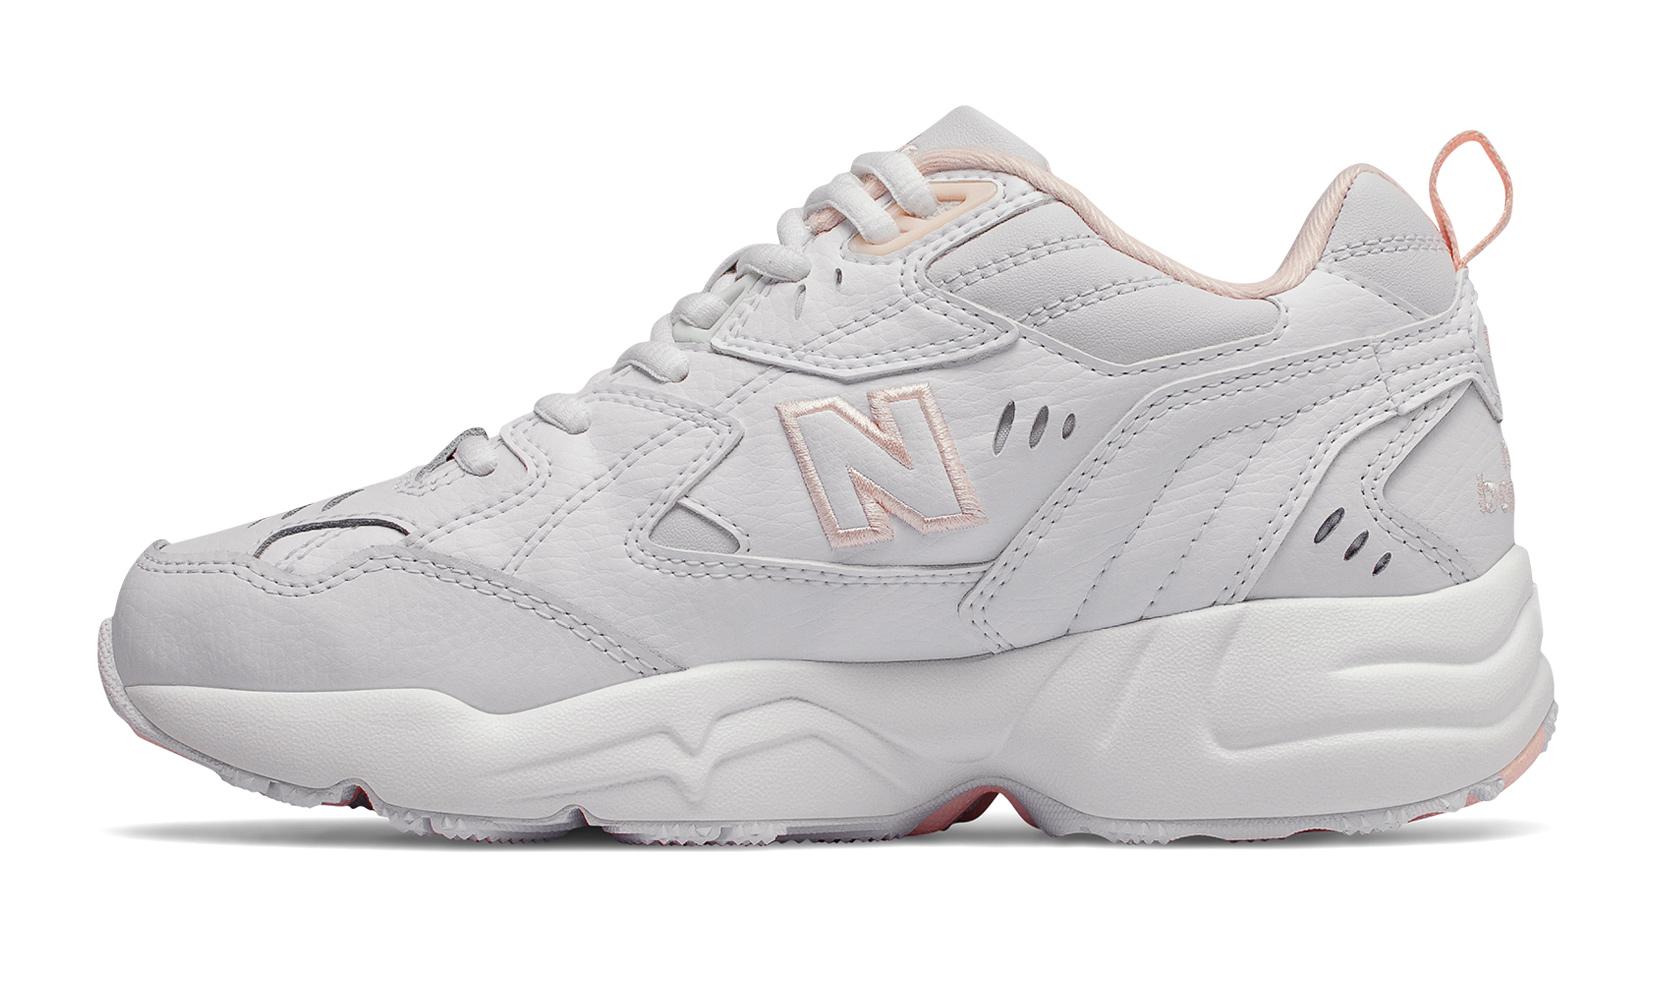 Жіноче взуття повсякденне New Balance 608v1 WX608WI1 | New Balance